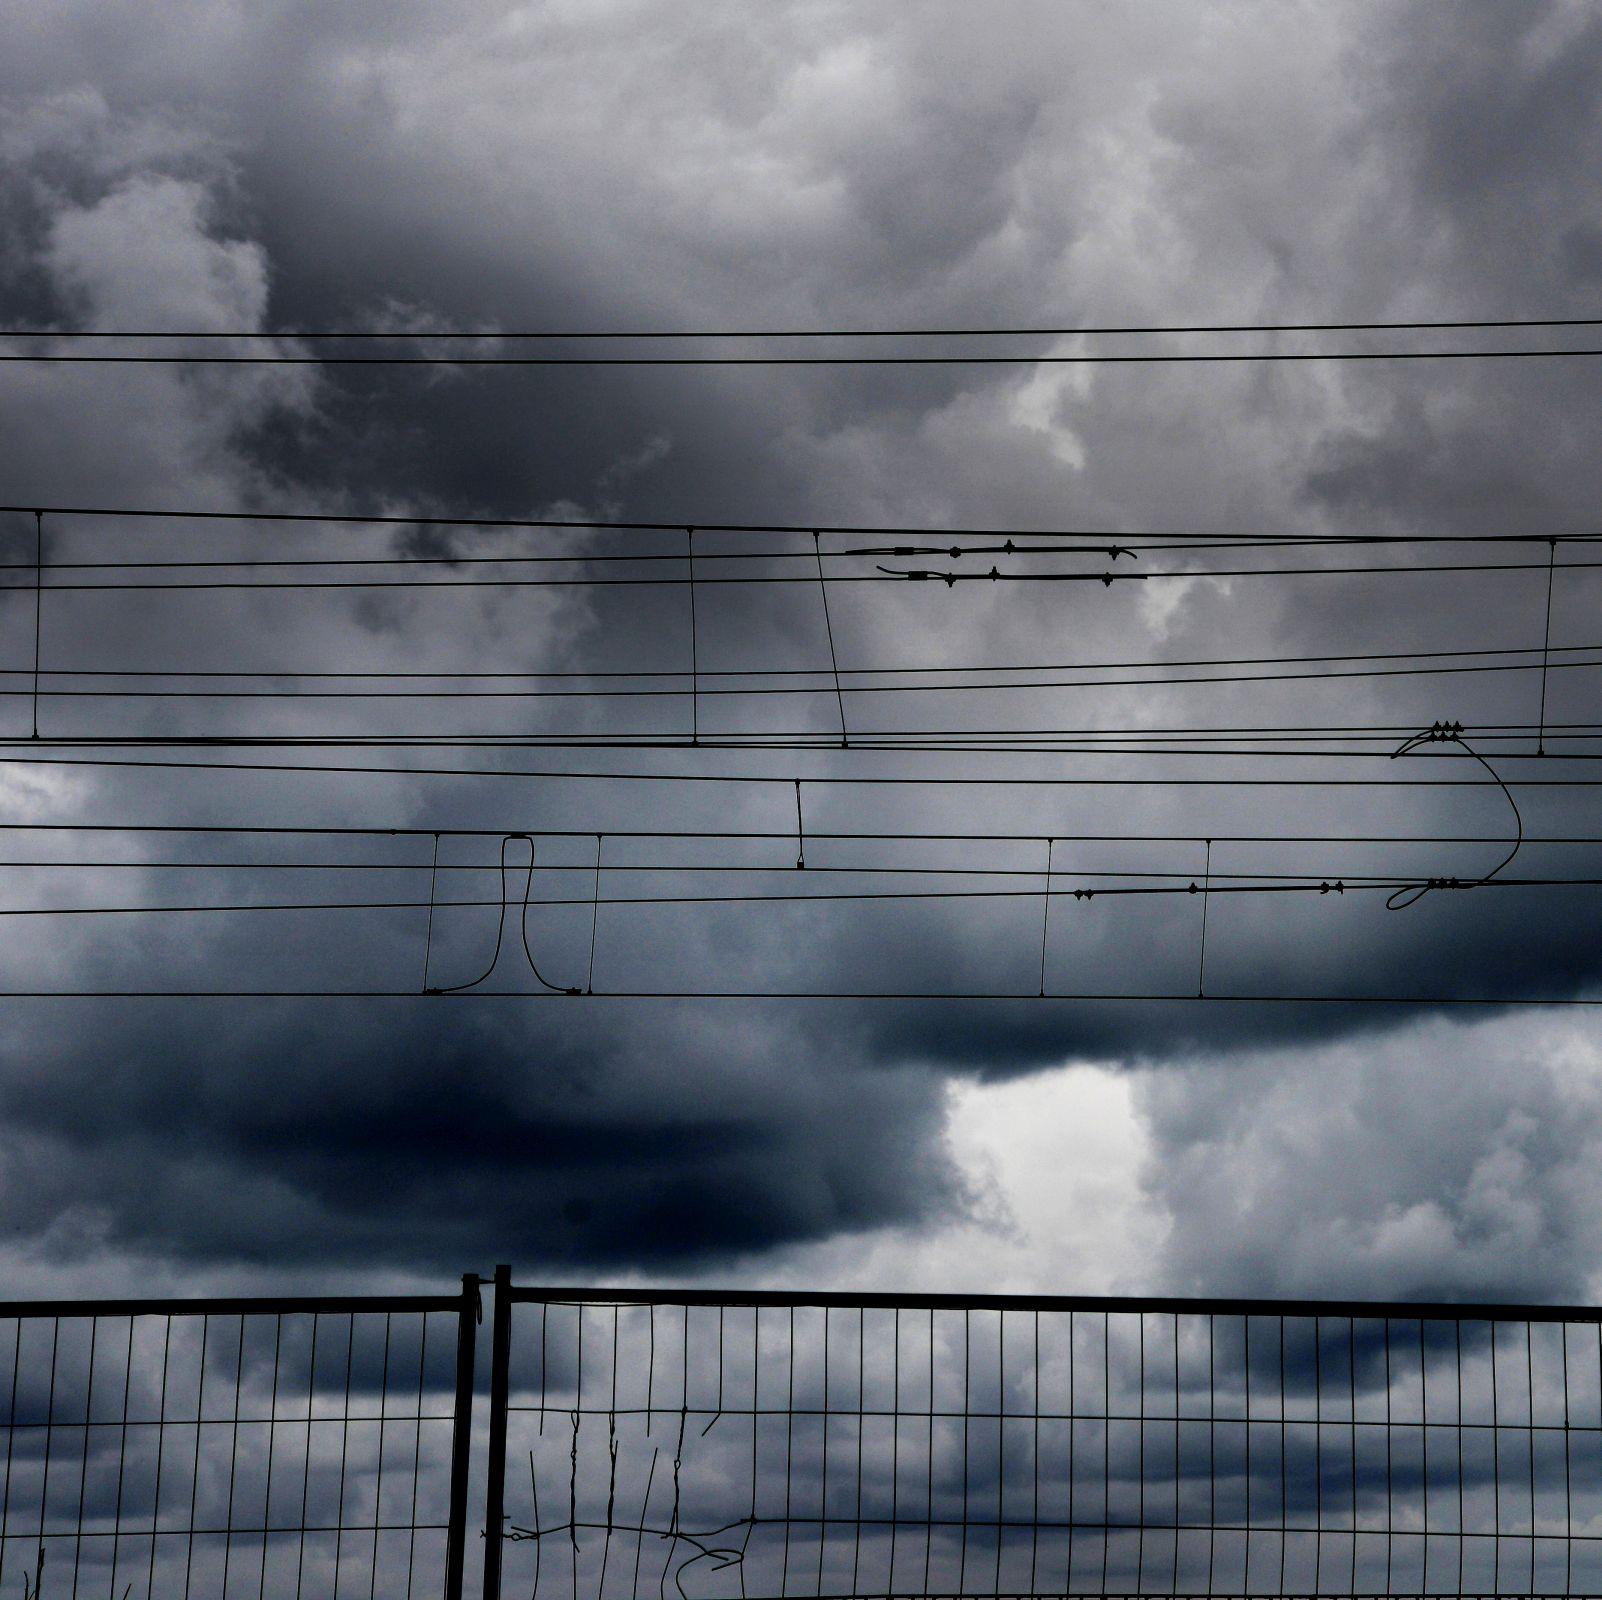 Cose di natura, Nature's Matters #18, Nuvole/Clouds, 2014